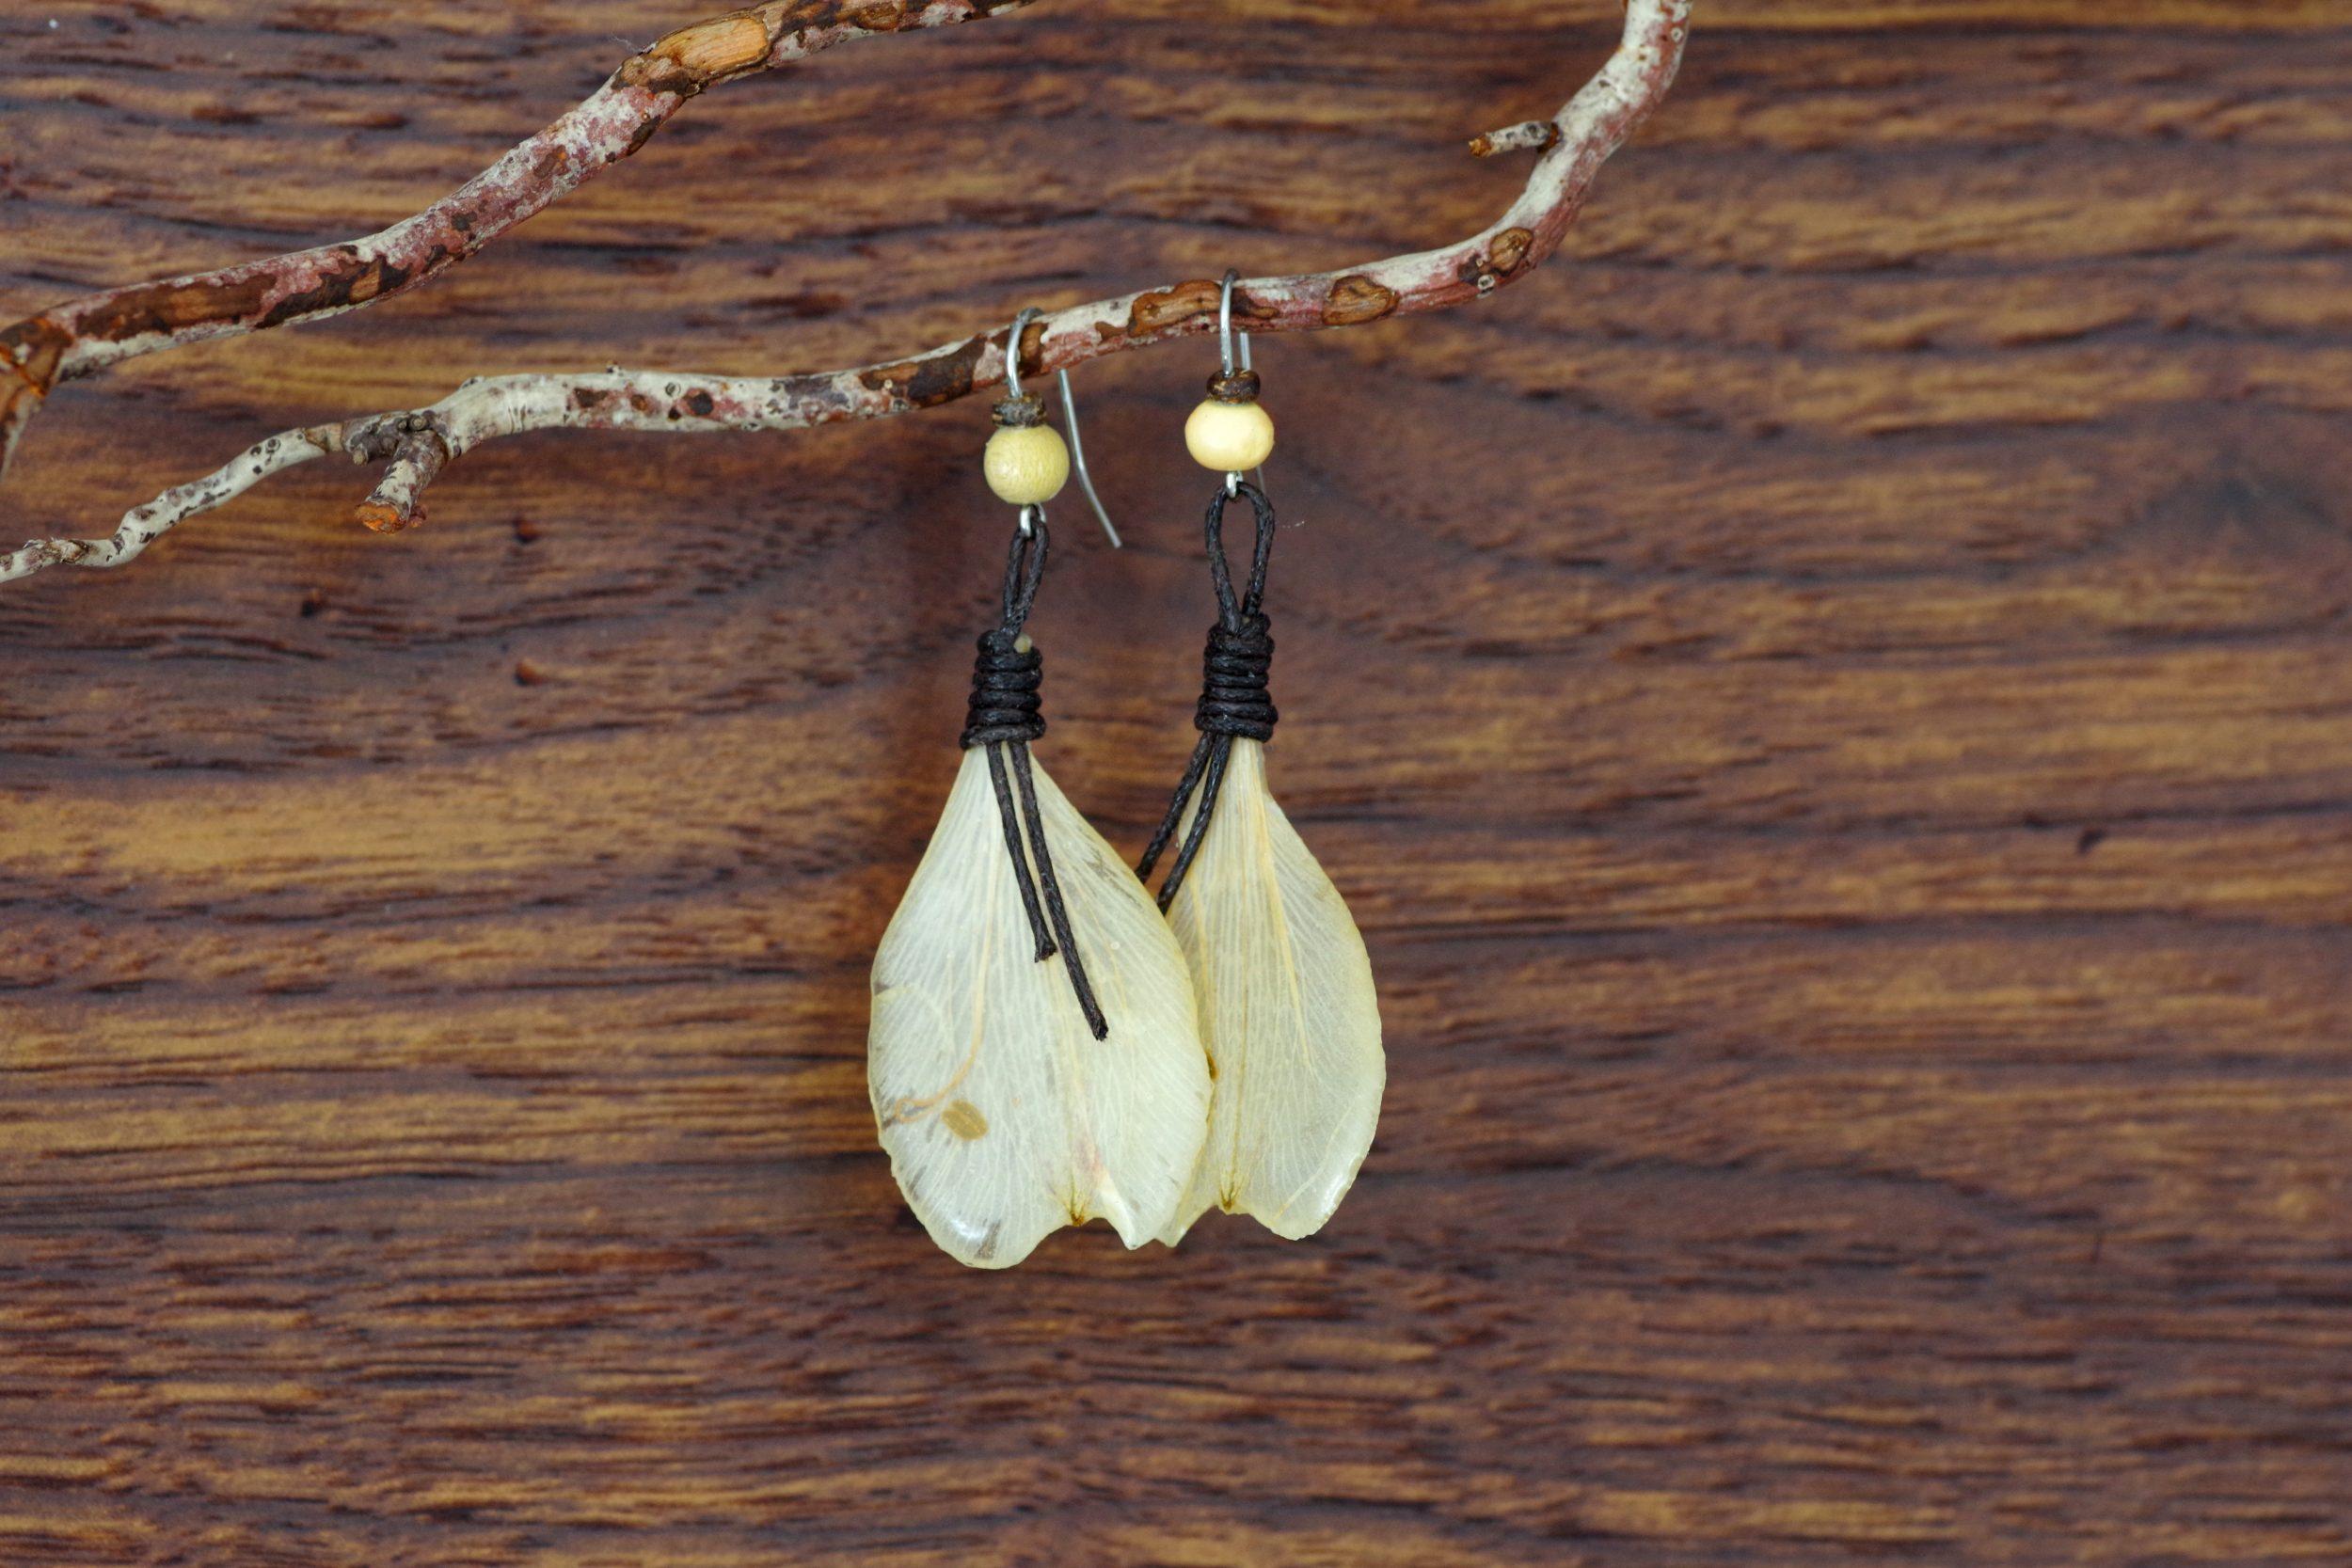 boucles d'oreilles avec des pétales clairs et des lacets marron